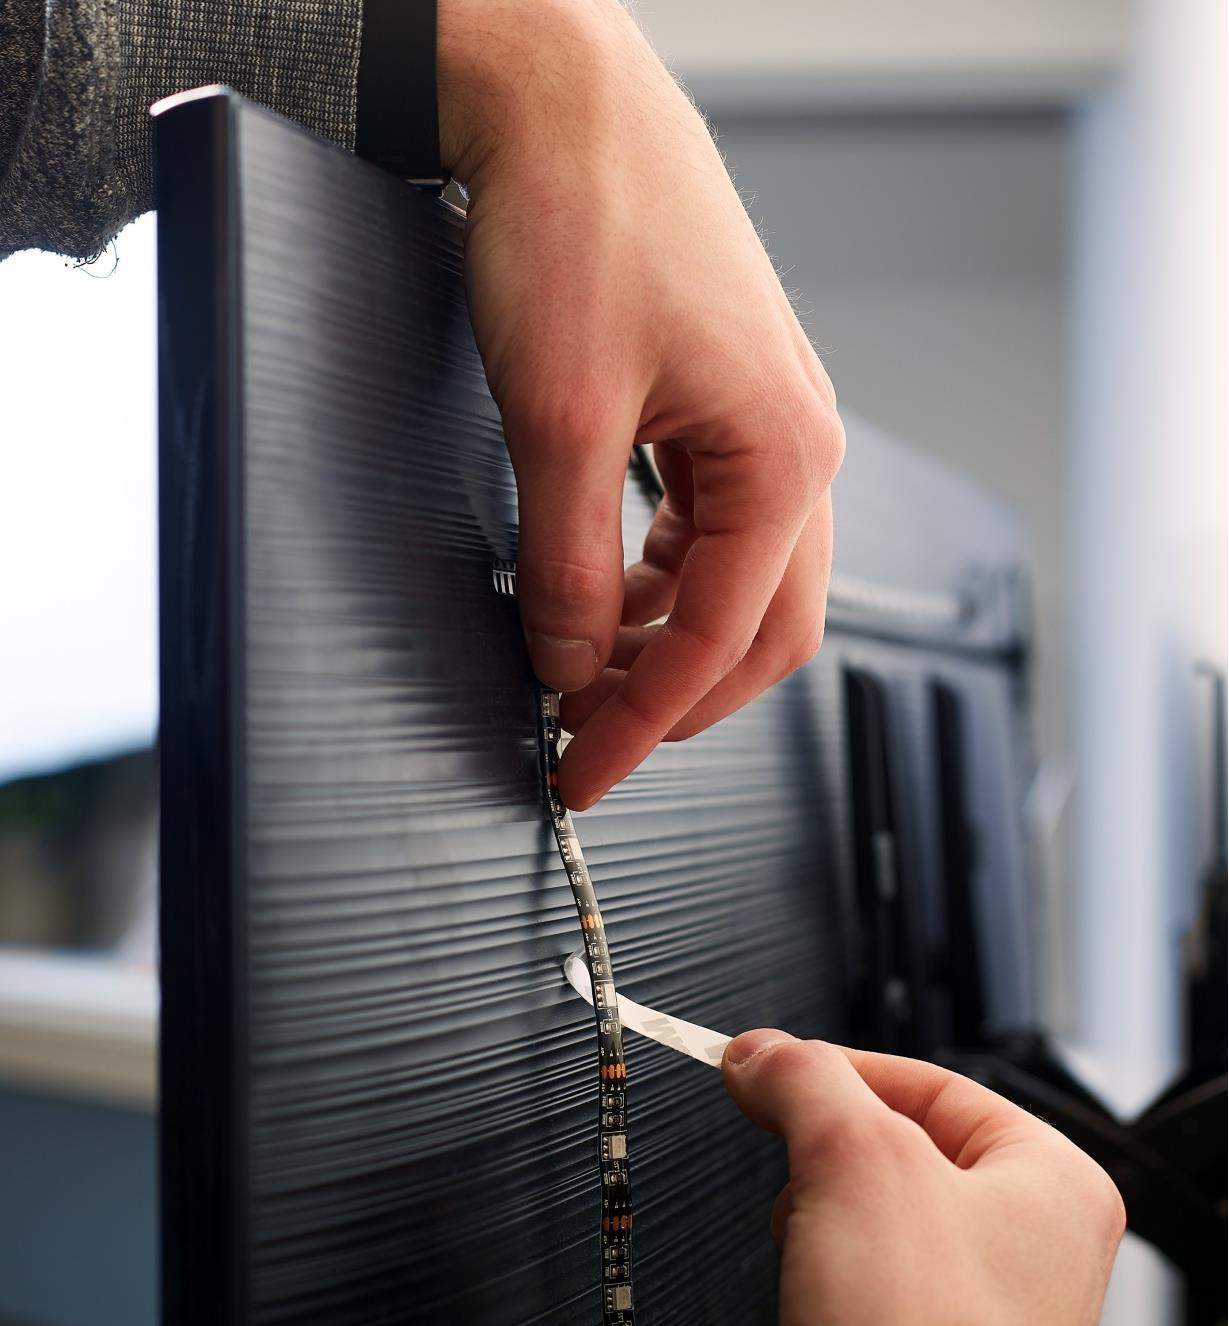 Personne retirant la pellicule protectrice du revers autocollant d'un luminaire-ruban à DEL USB pour le fixer derrière un téléviseur.